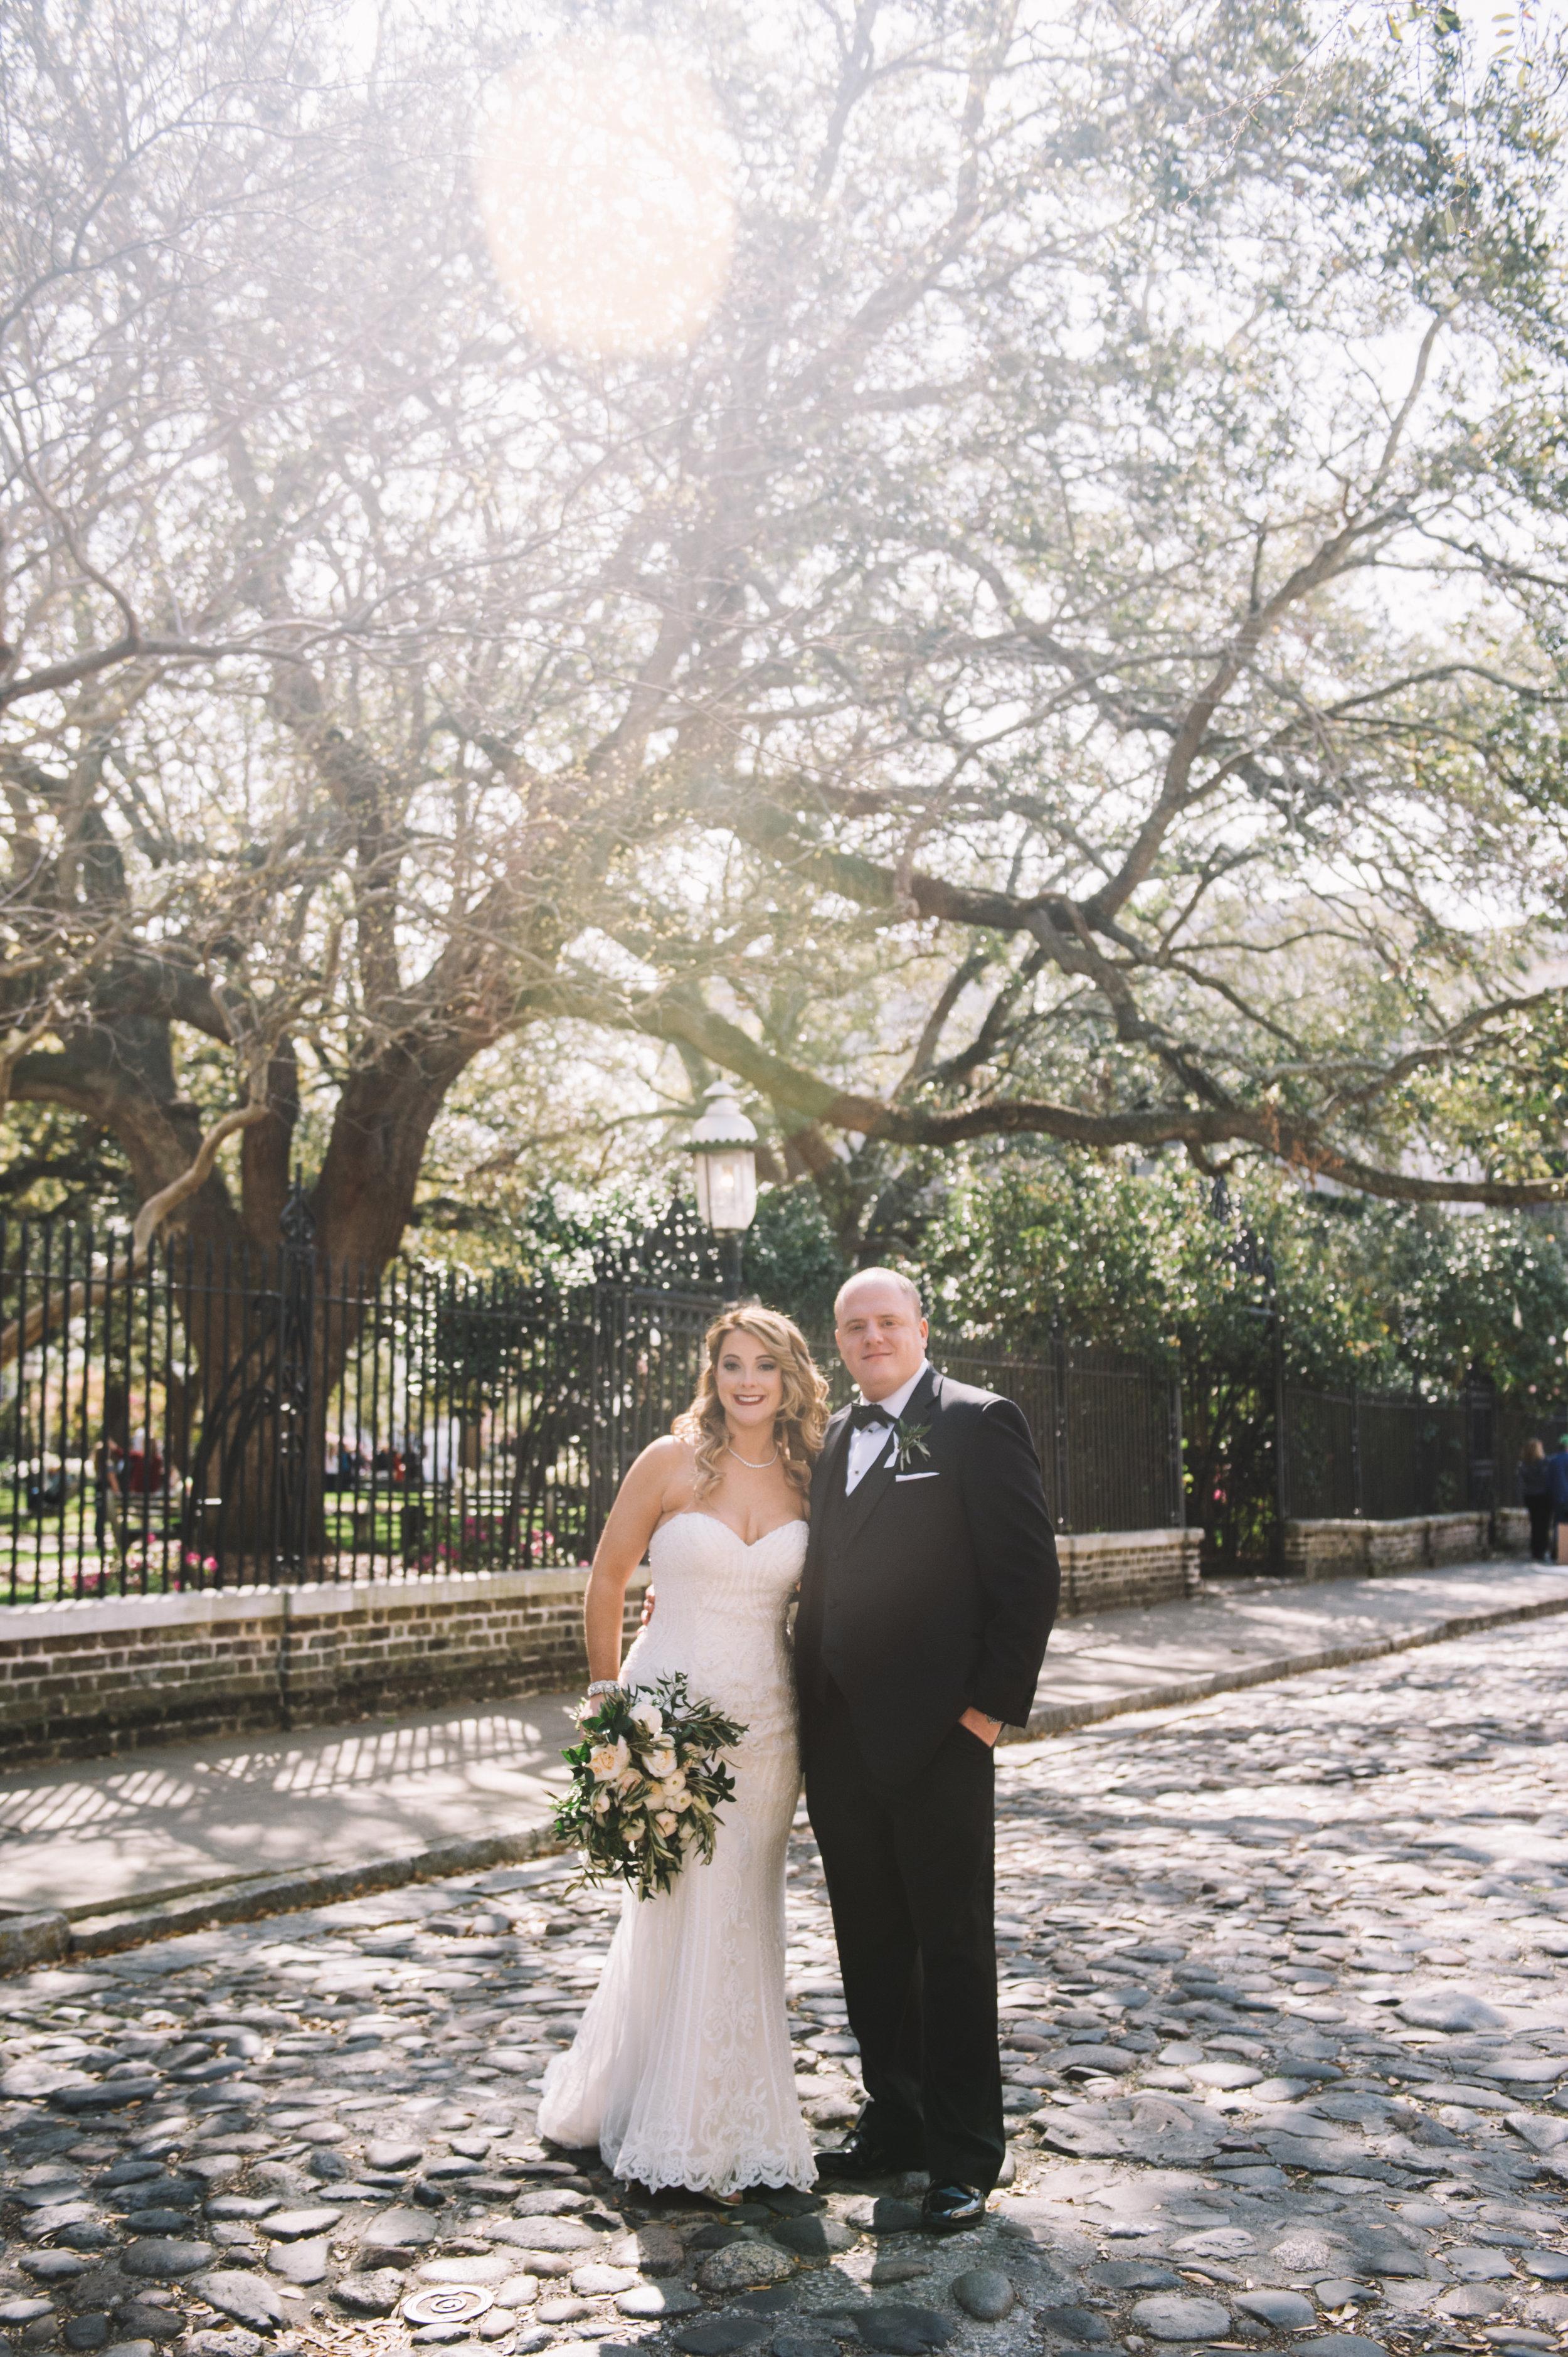 3003_ChelseaAndPaul_Wedding.jpg